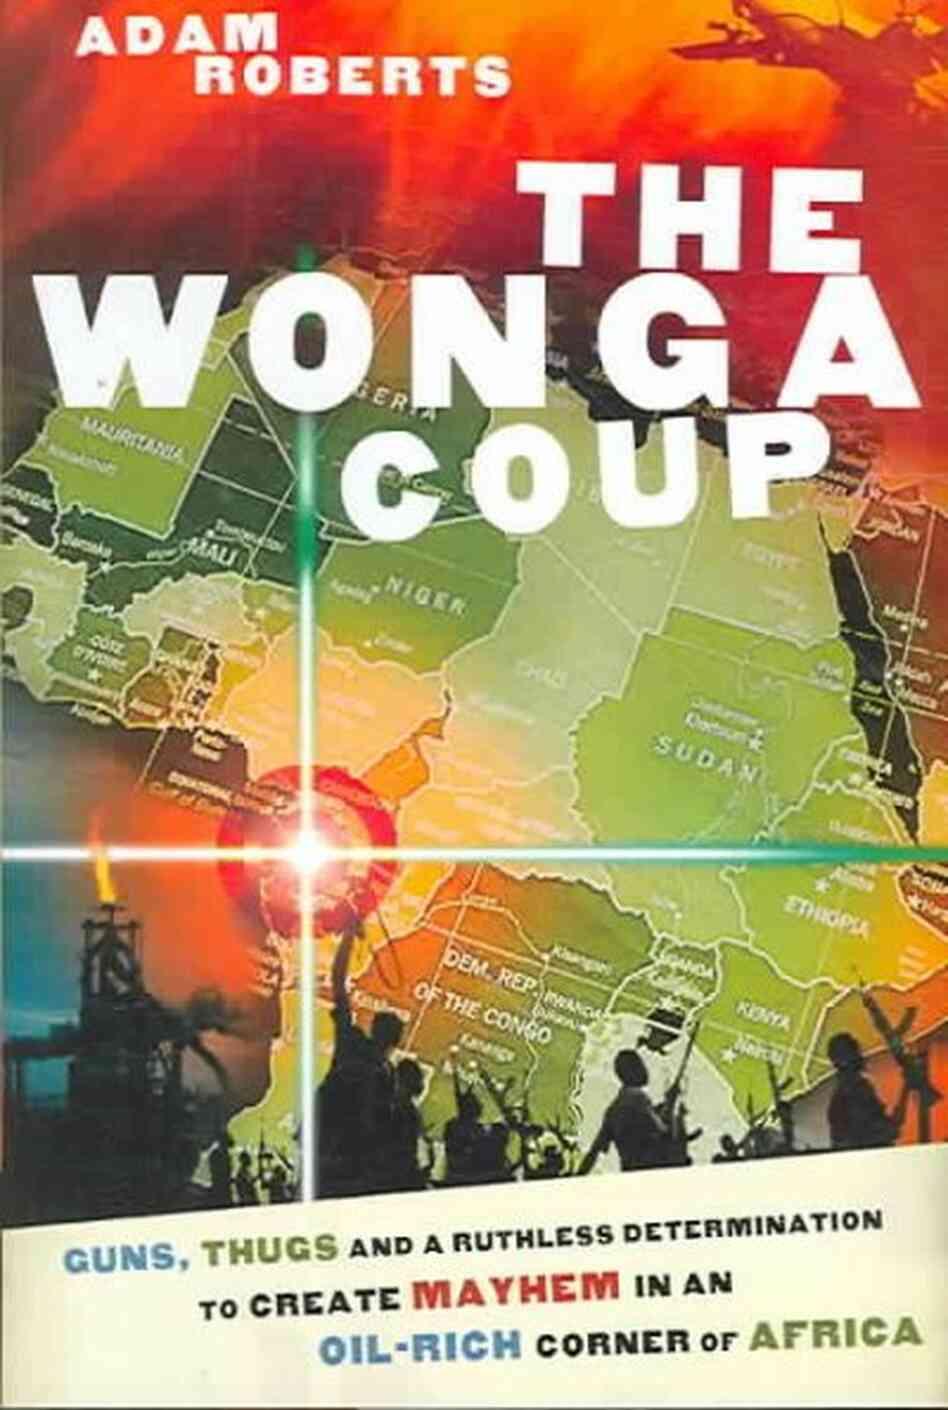 Amazon.com: Customer reviews: The Wonga Coup